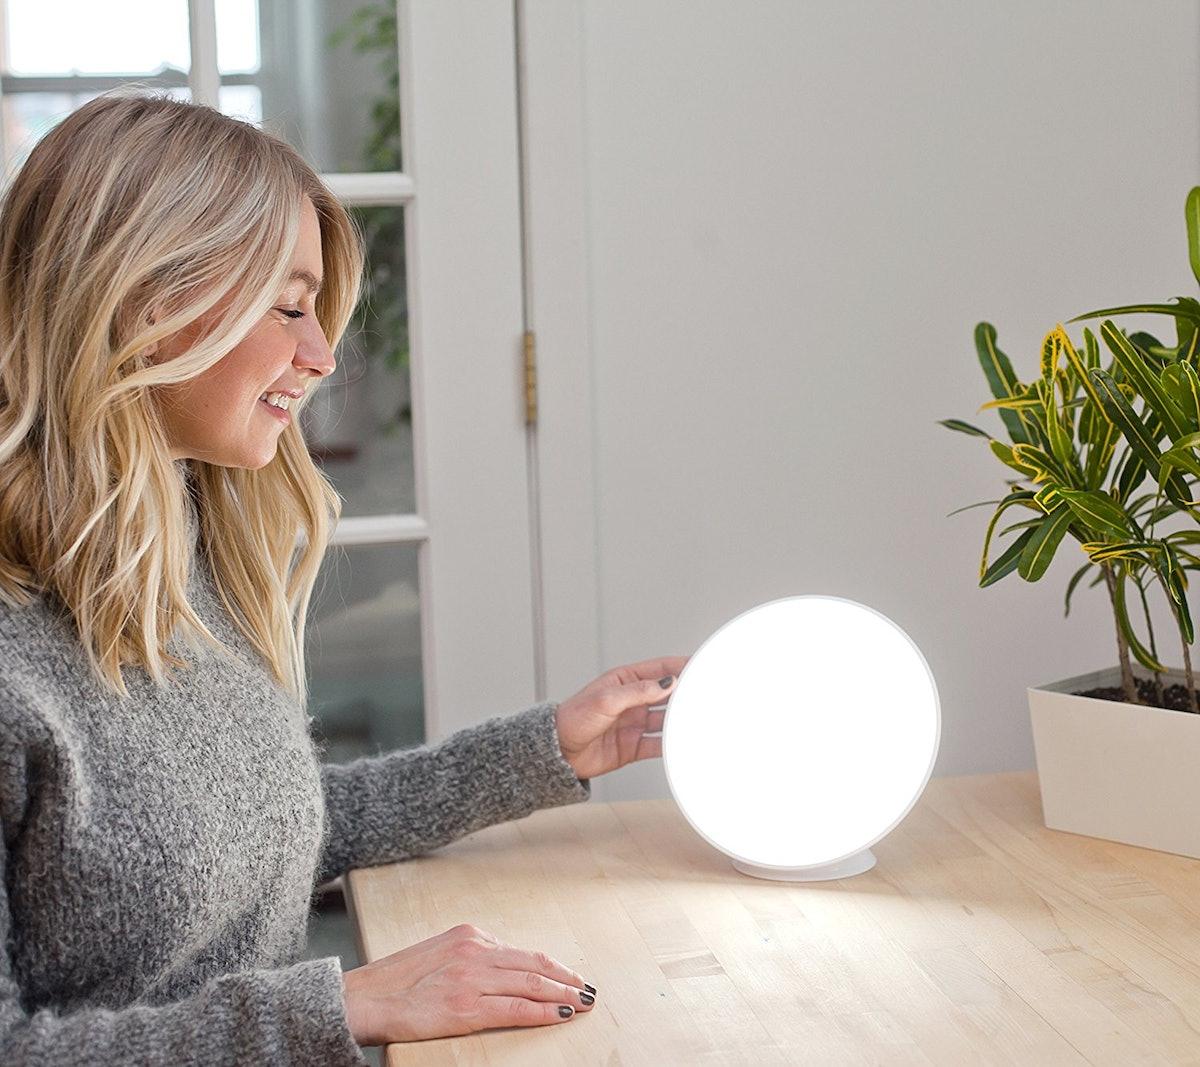 Lampu Light Therapy Lamp